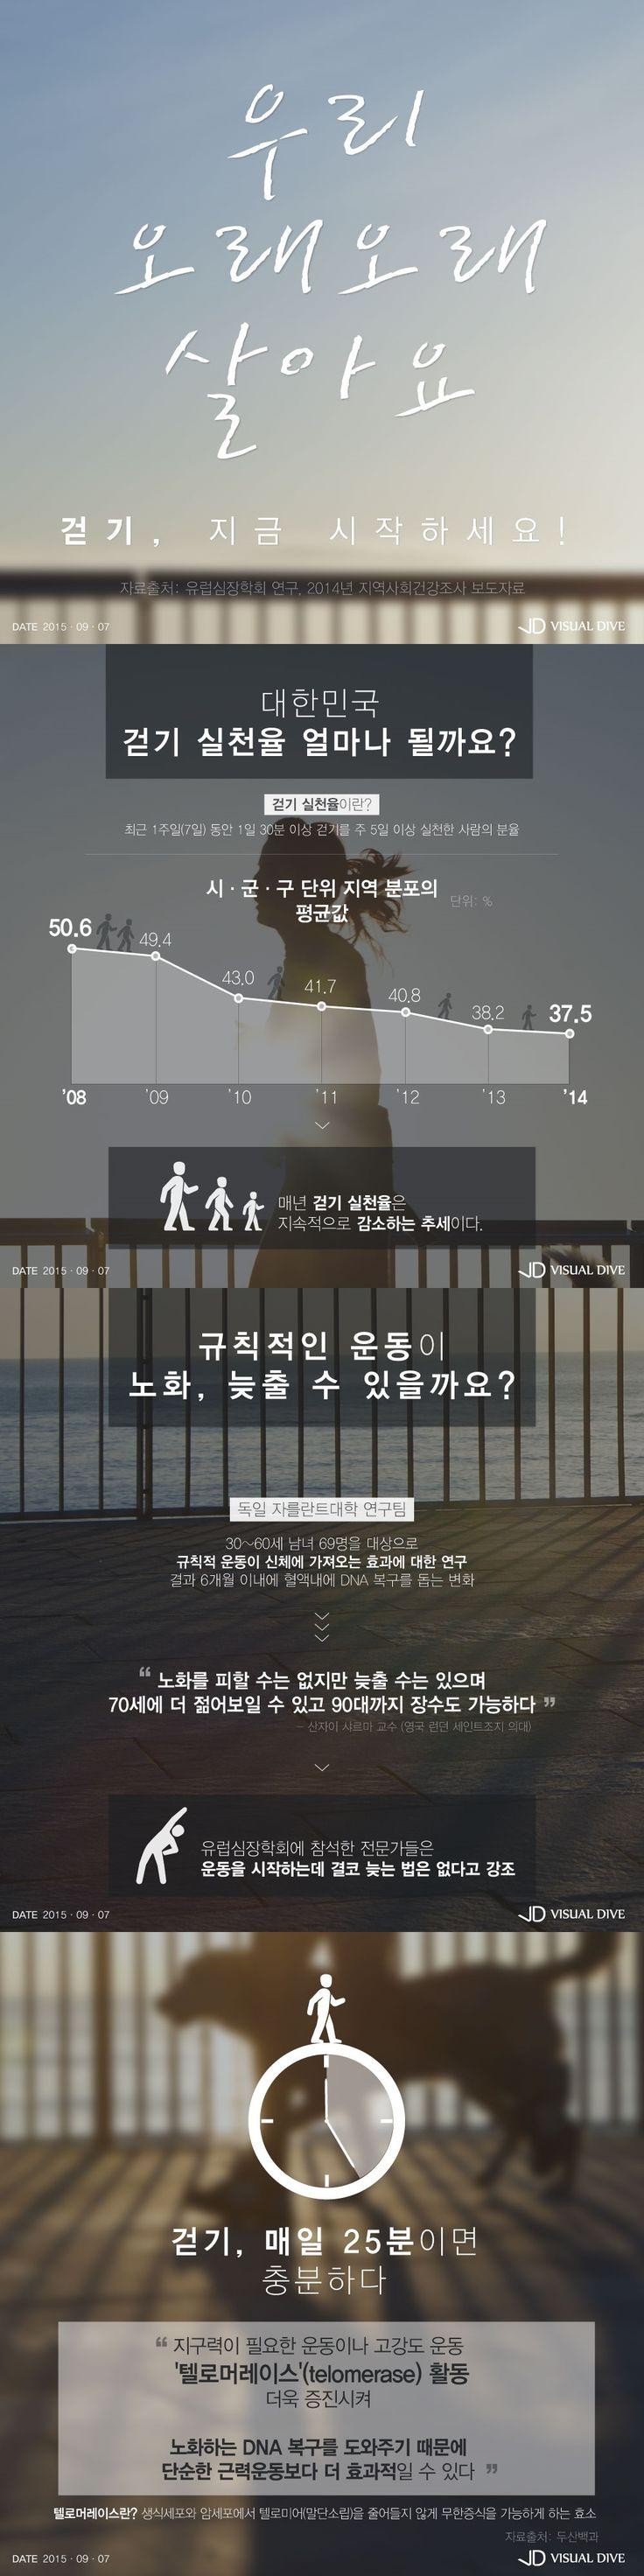 걷기 포함 꾸준한 운동…노화 방지에 도움 [인포그래픽] #Exercise / #Infographic ⓒ 비주얼다이브 무단 복사·전재·재배포 금지